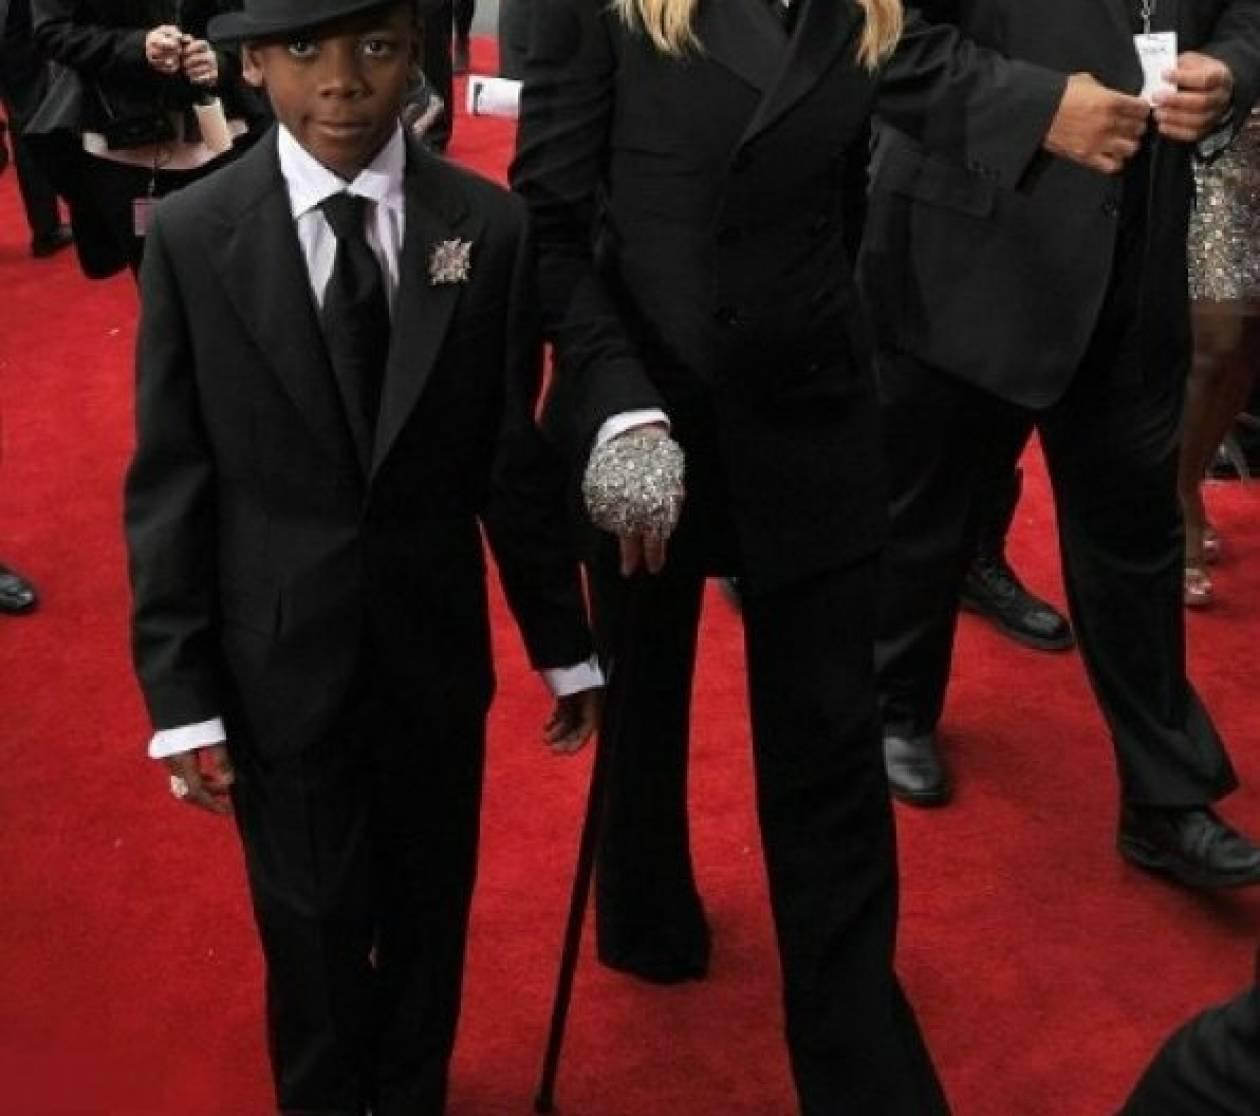 Δείτε τη Madonna…γερασμένη και με το ίδιο outfit με τον γιό της